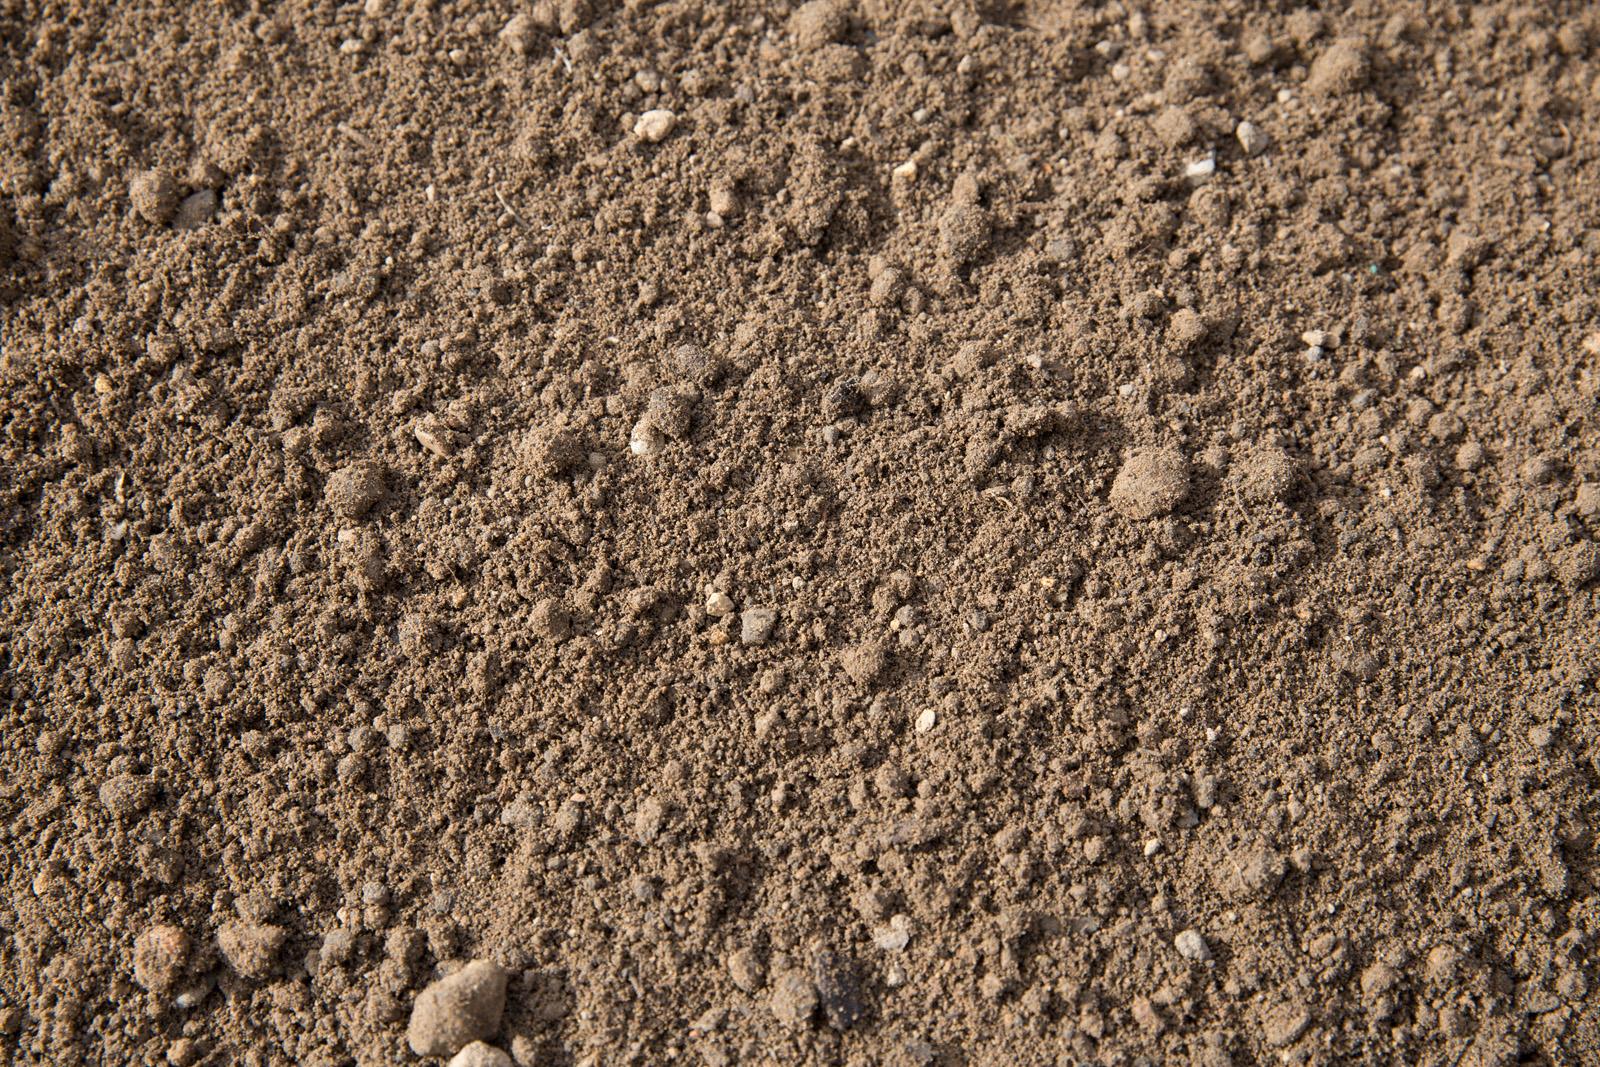 gesiebter Mutterboden